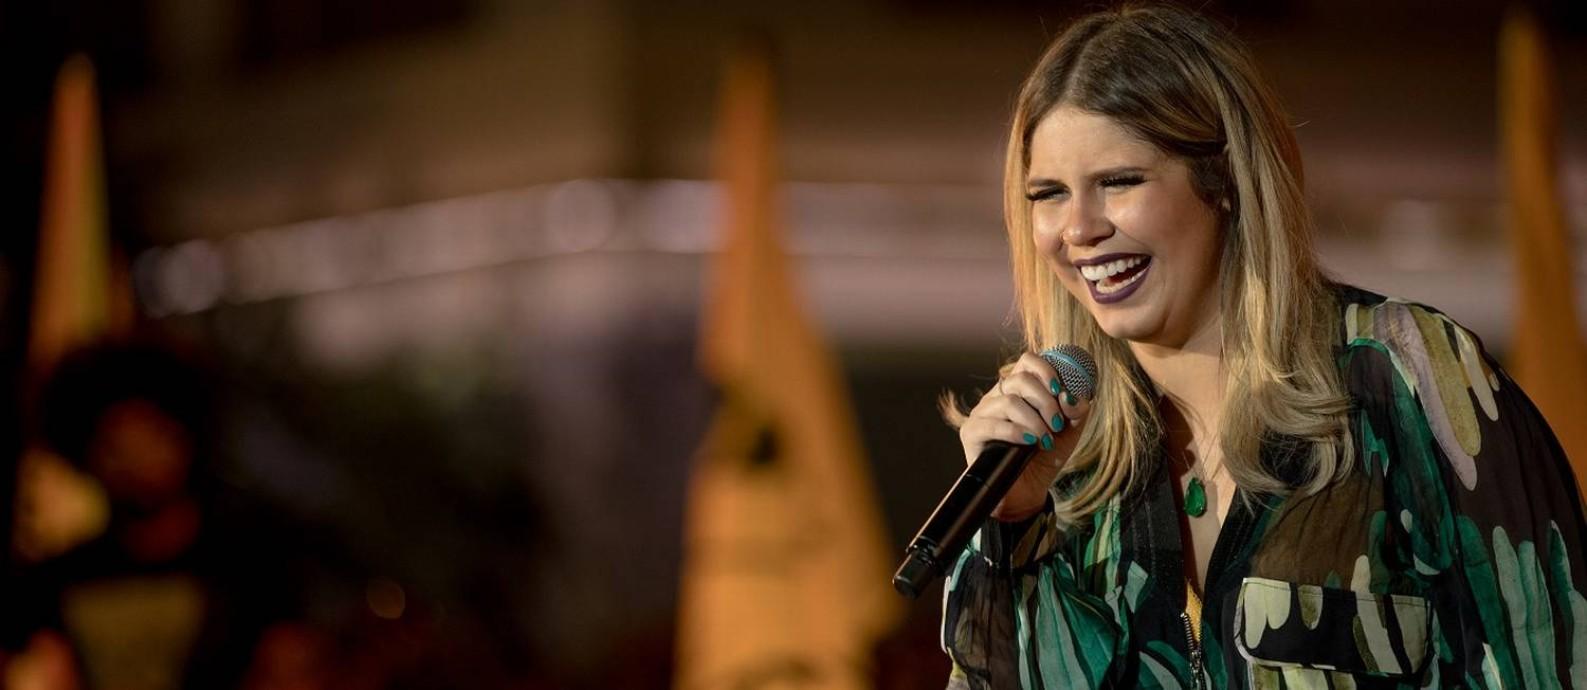 """A cantora Marilia Mendonça no especial de TV """"Todos os Cantos"""" Foto: Flaney Gonzallez / Divulgação"""